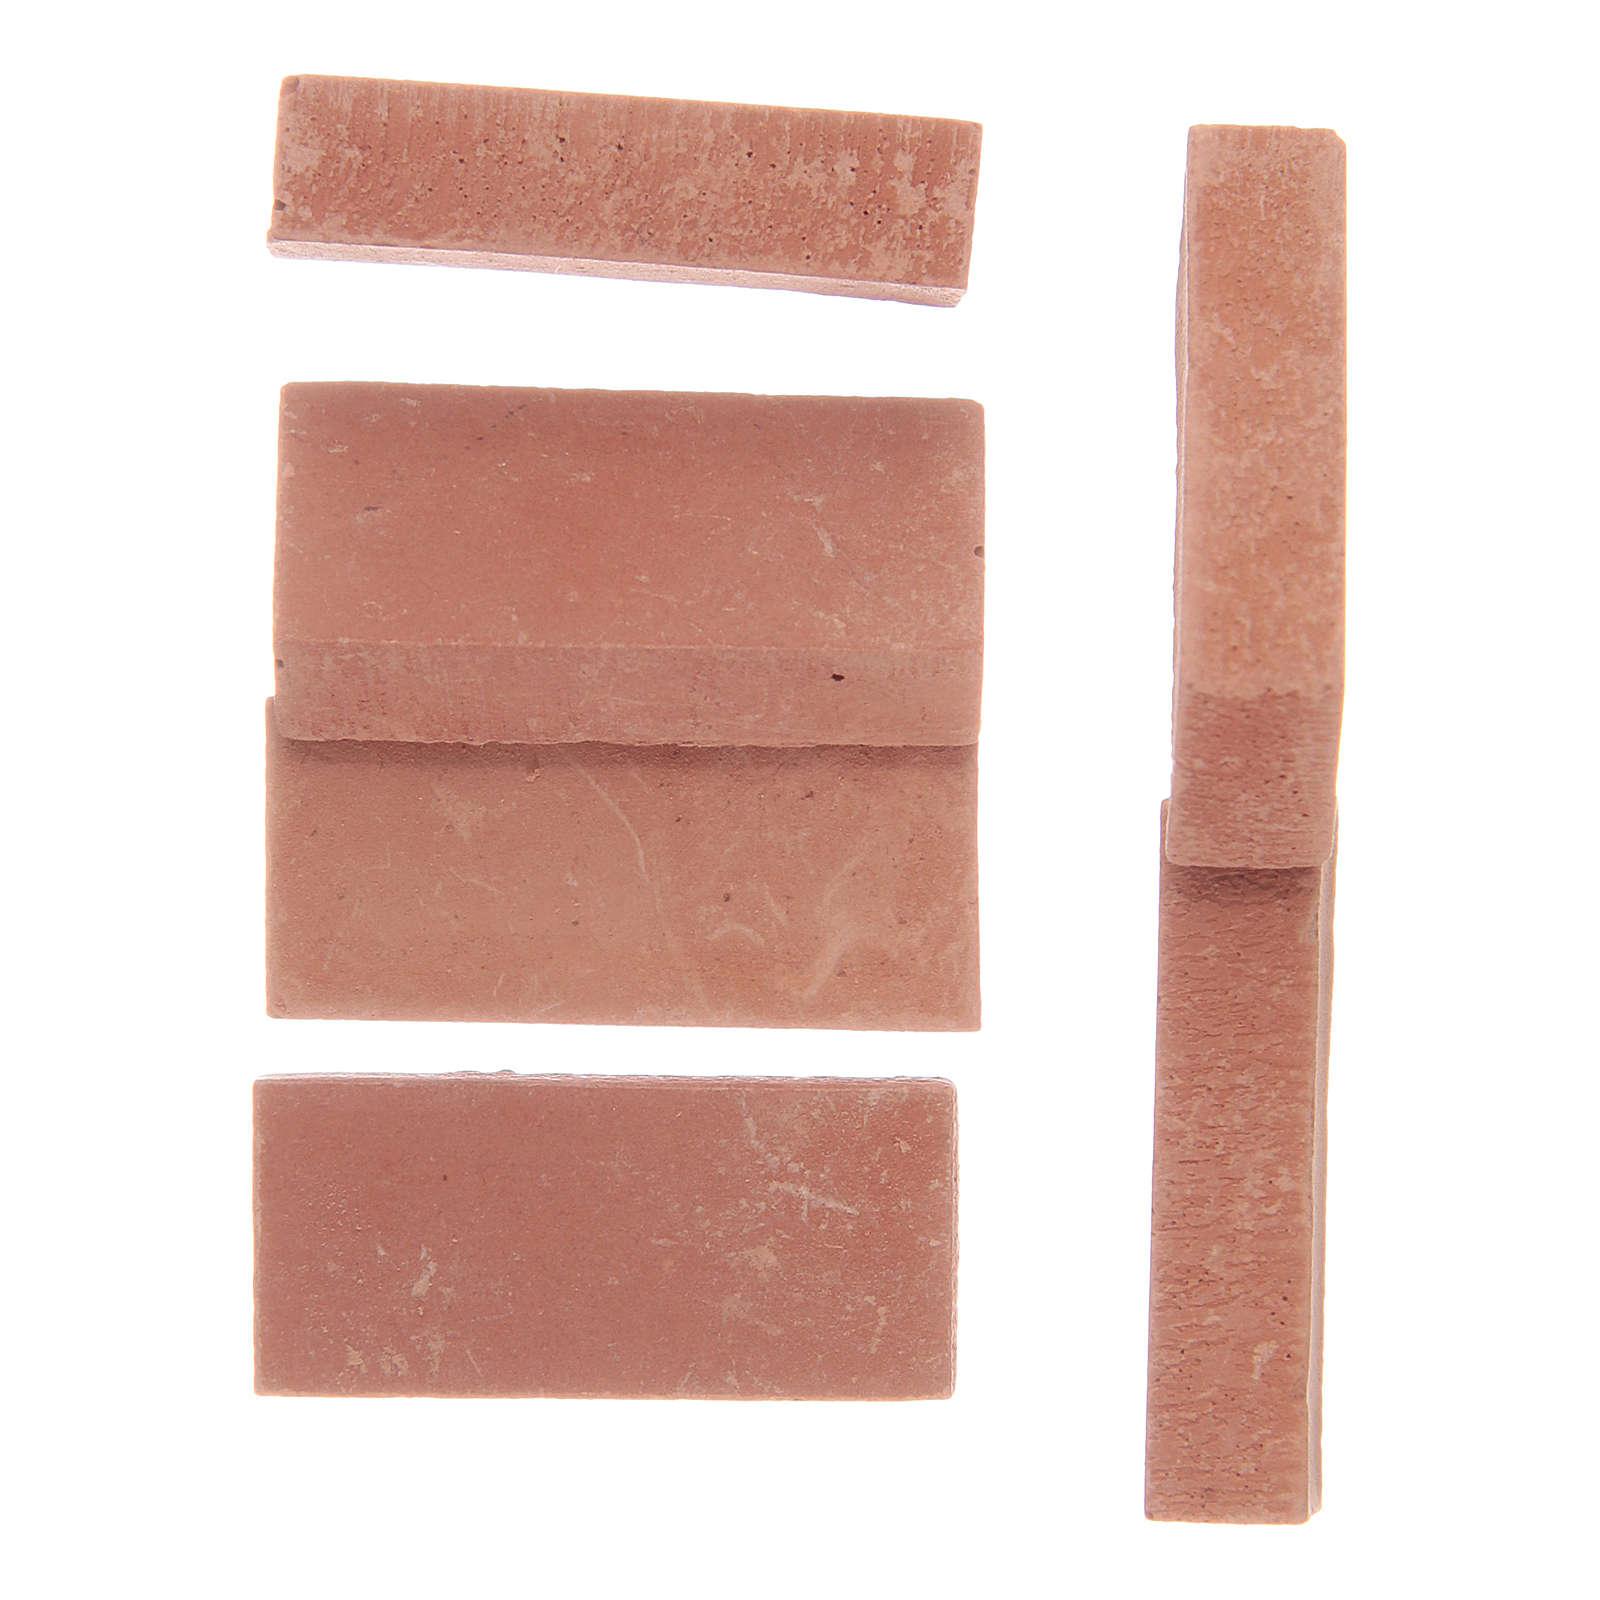 Briques en résine couleur terre cuite 12 pcs 4